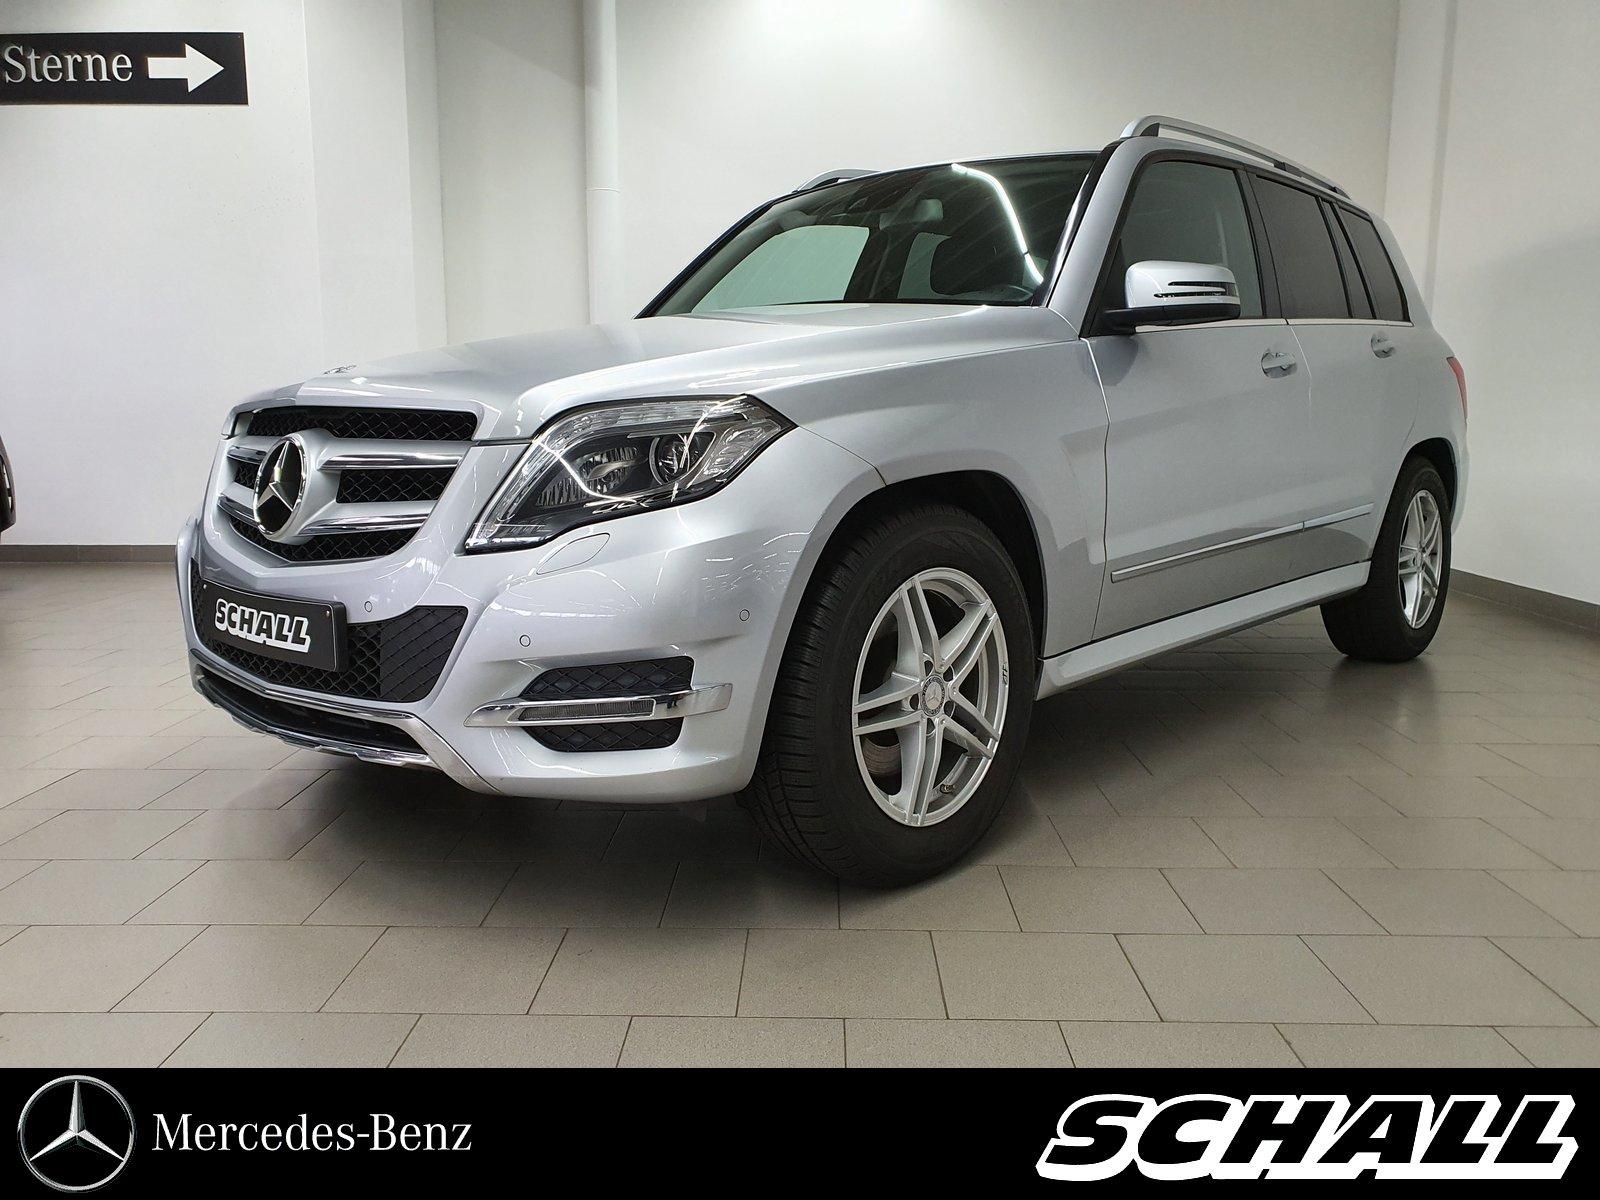 Mercedes-Benz GLK 250 BT 4M SPORT/INTELLIGENT LIGHT/COMAND EU6, Jahr 2014, Diesel